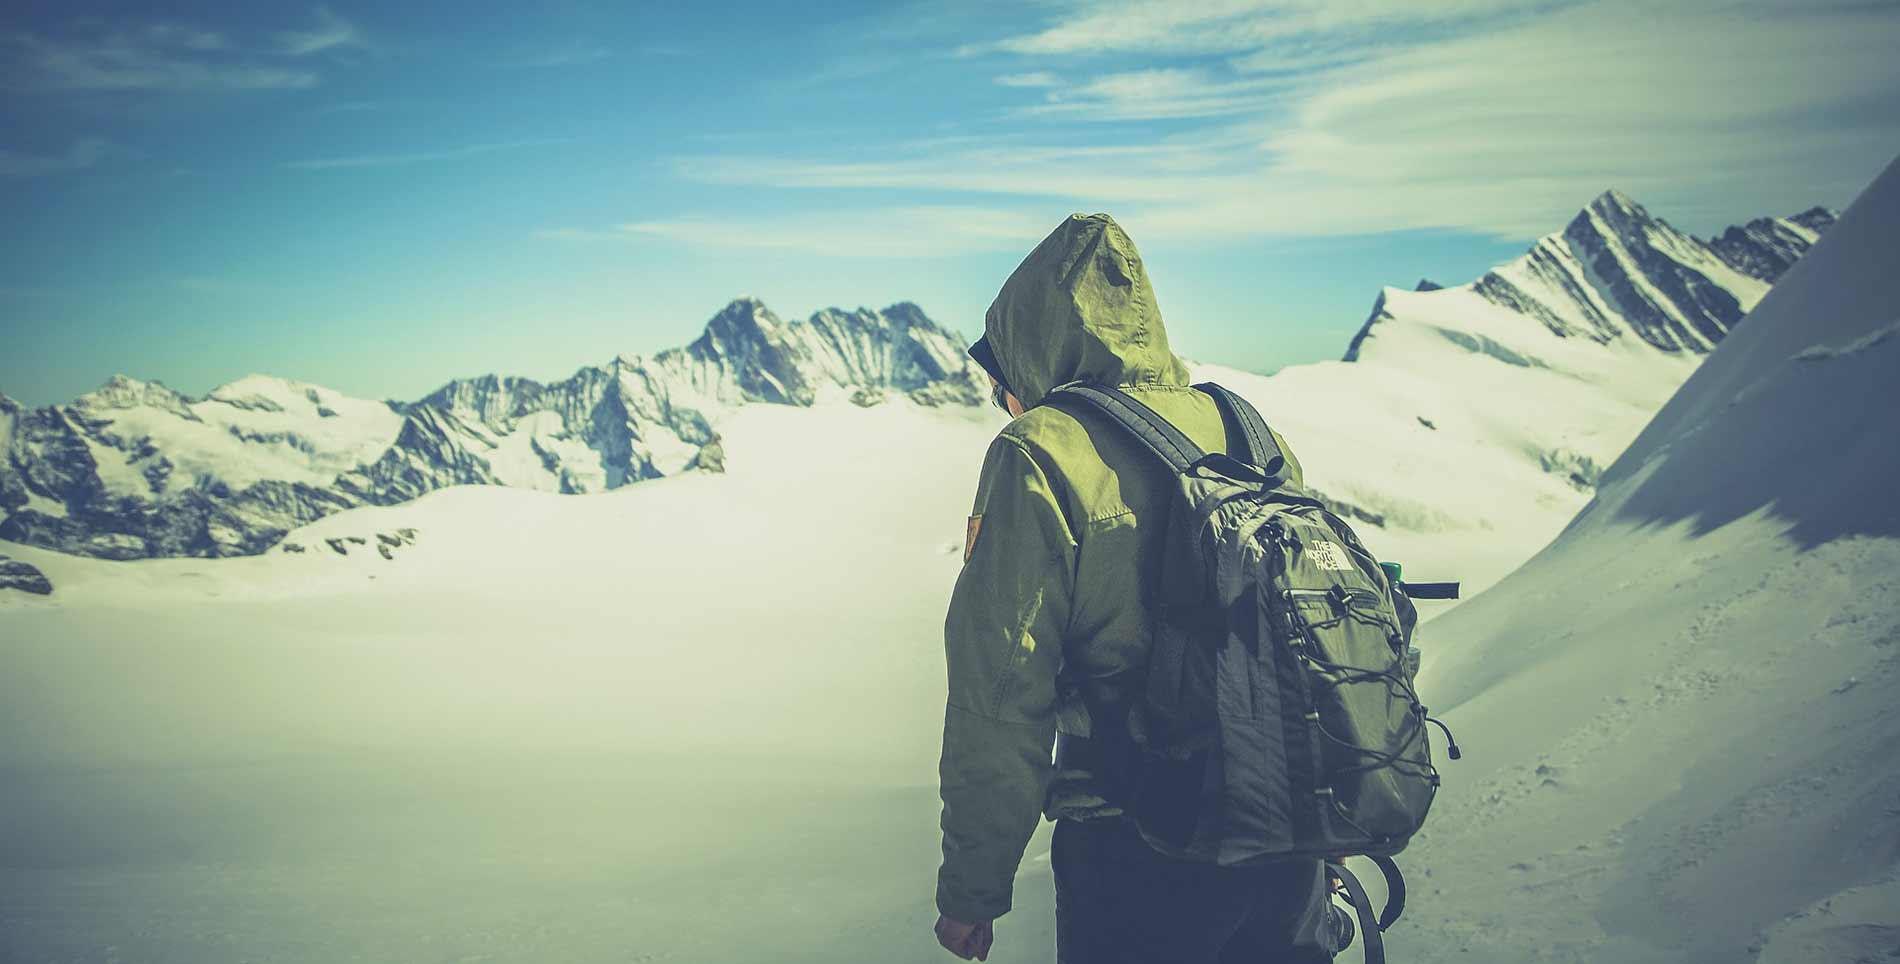 Montagne sécurité géolocalisation tracking GPS personne en détresse